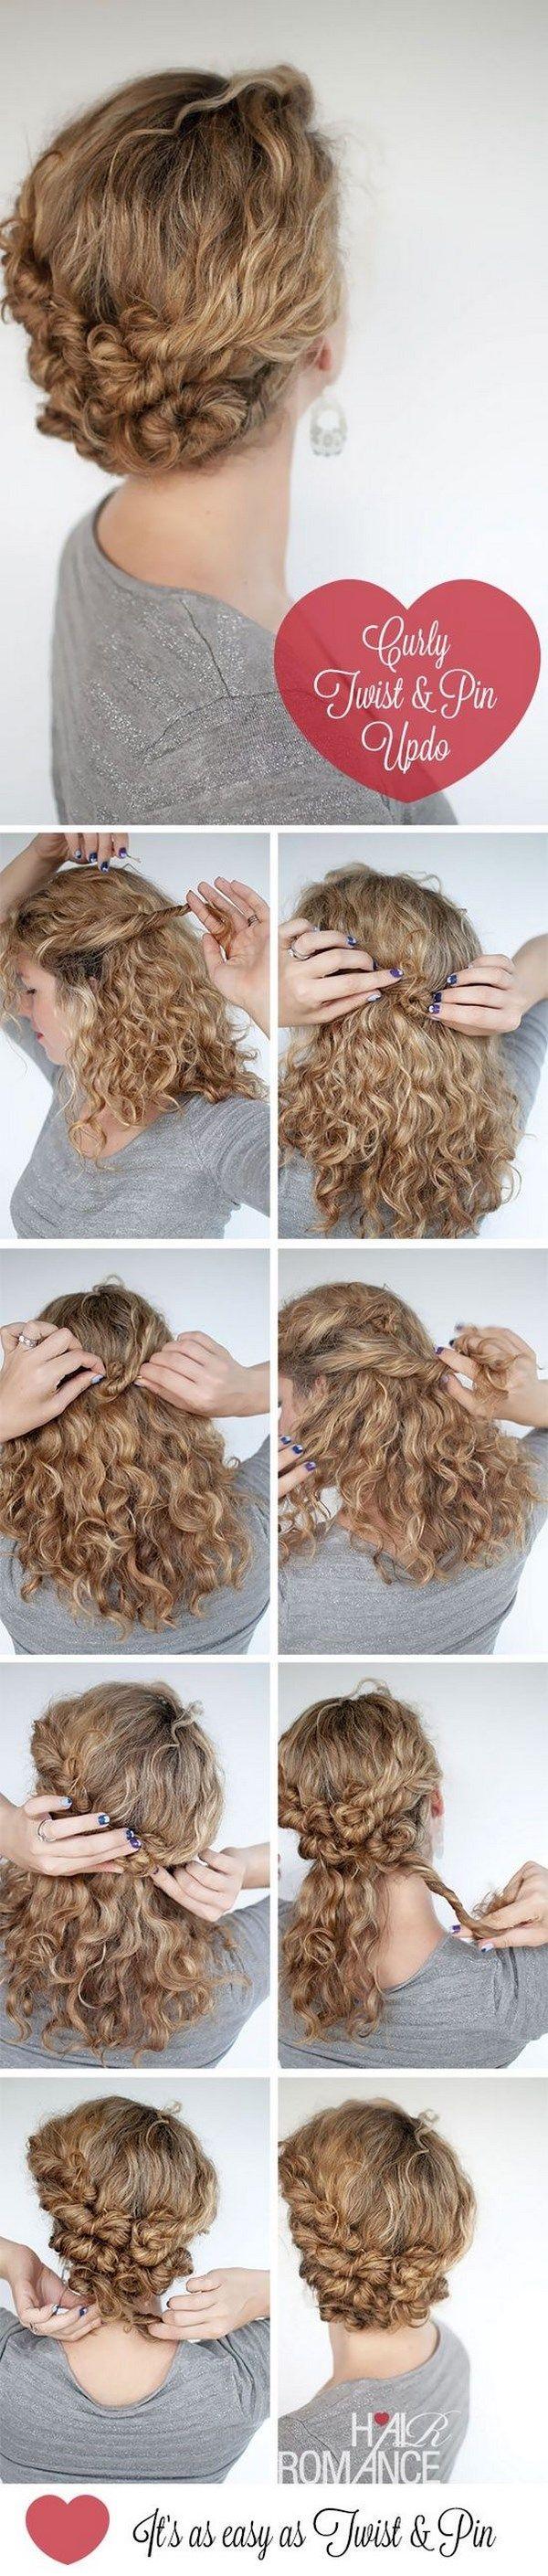 peinado recogido para cabello con rizos